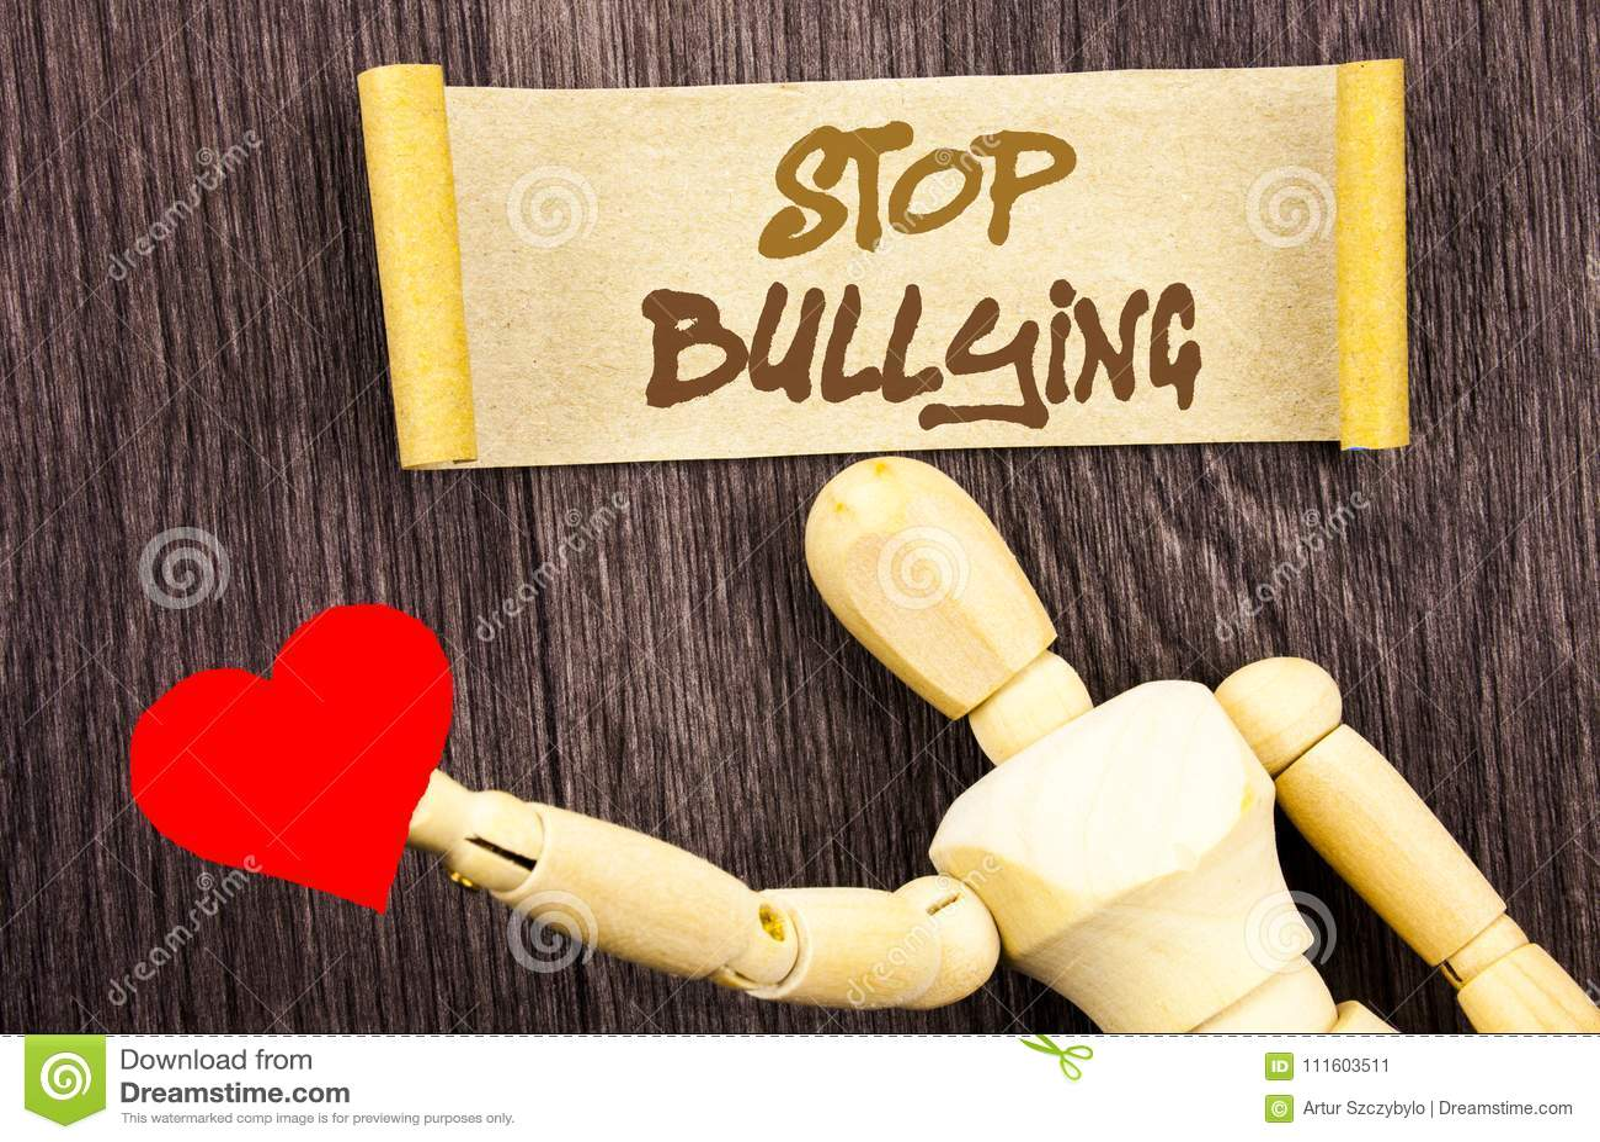 Задирать стопа показа знака текста Схематическая проблема осведомленности фото о проблеме задиры злоупотреблением насилия написан